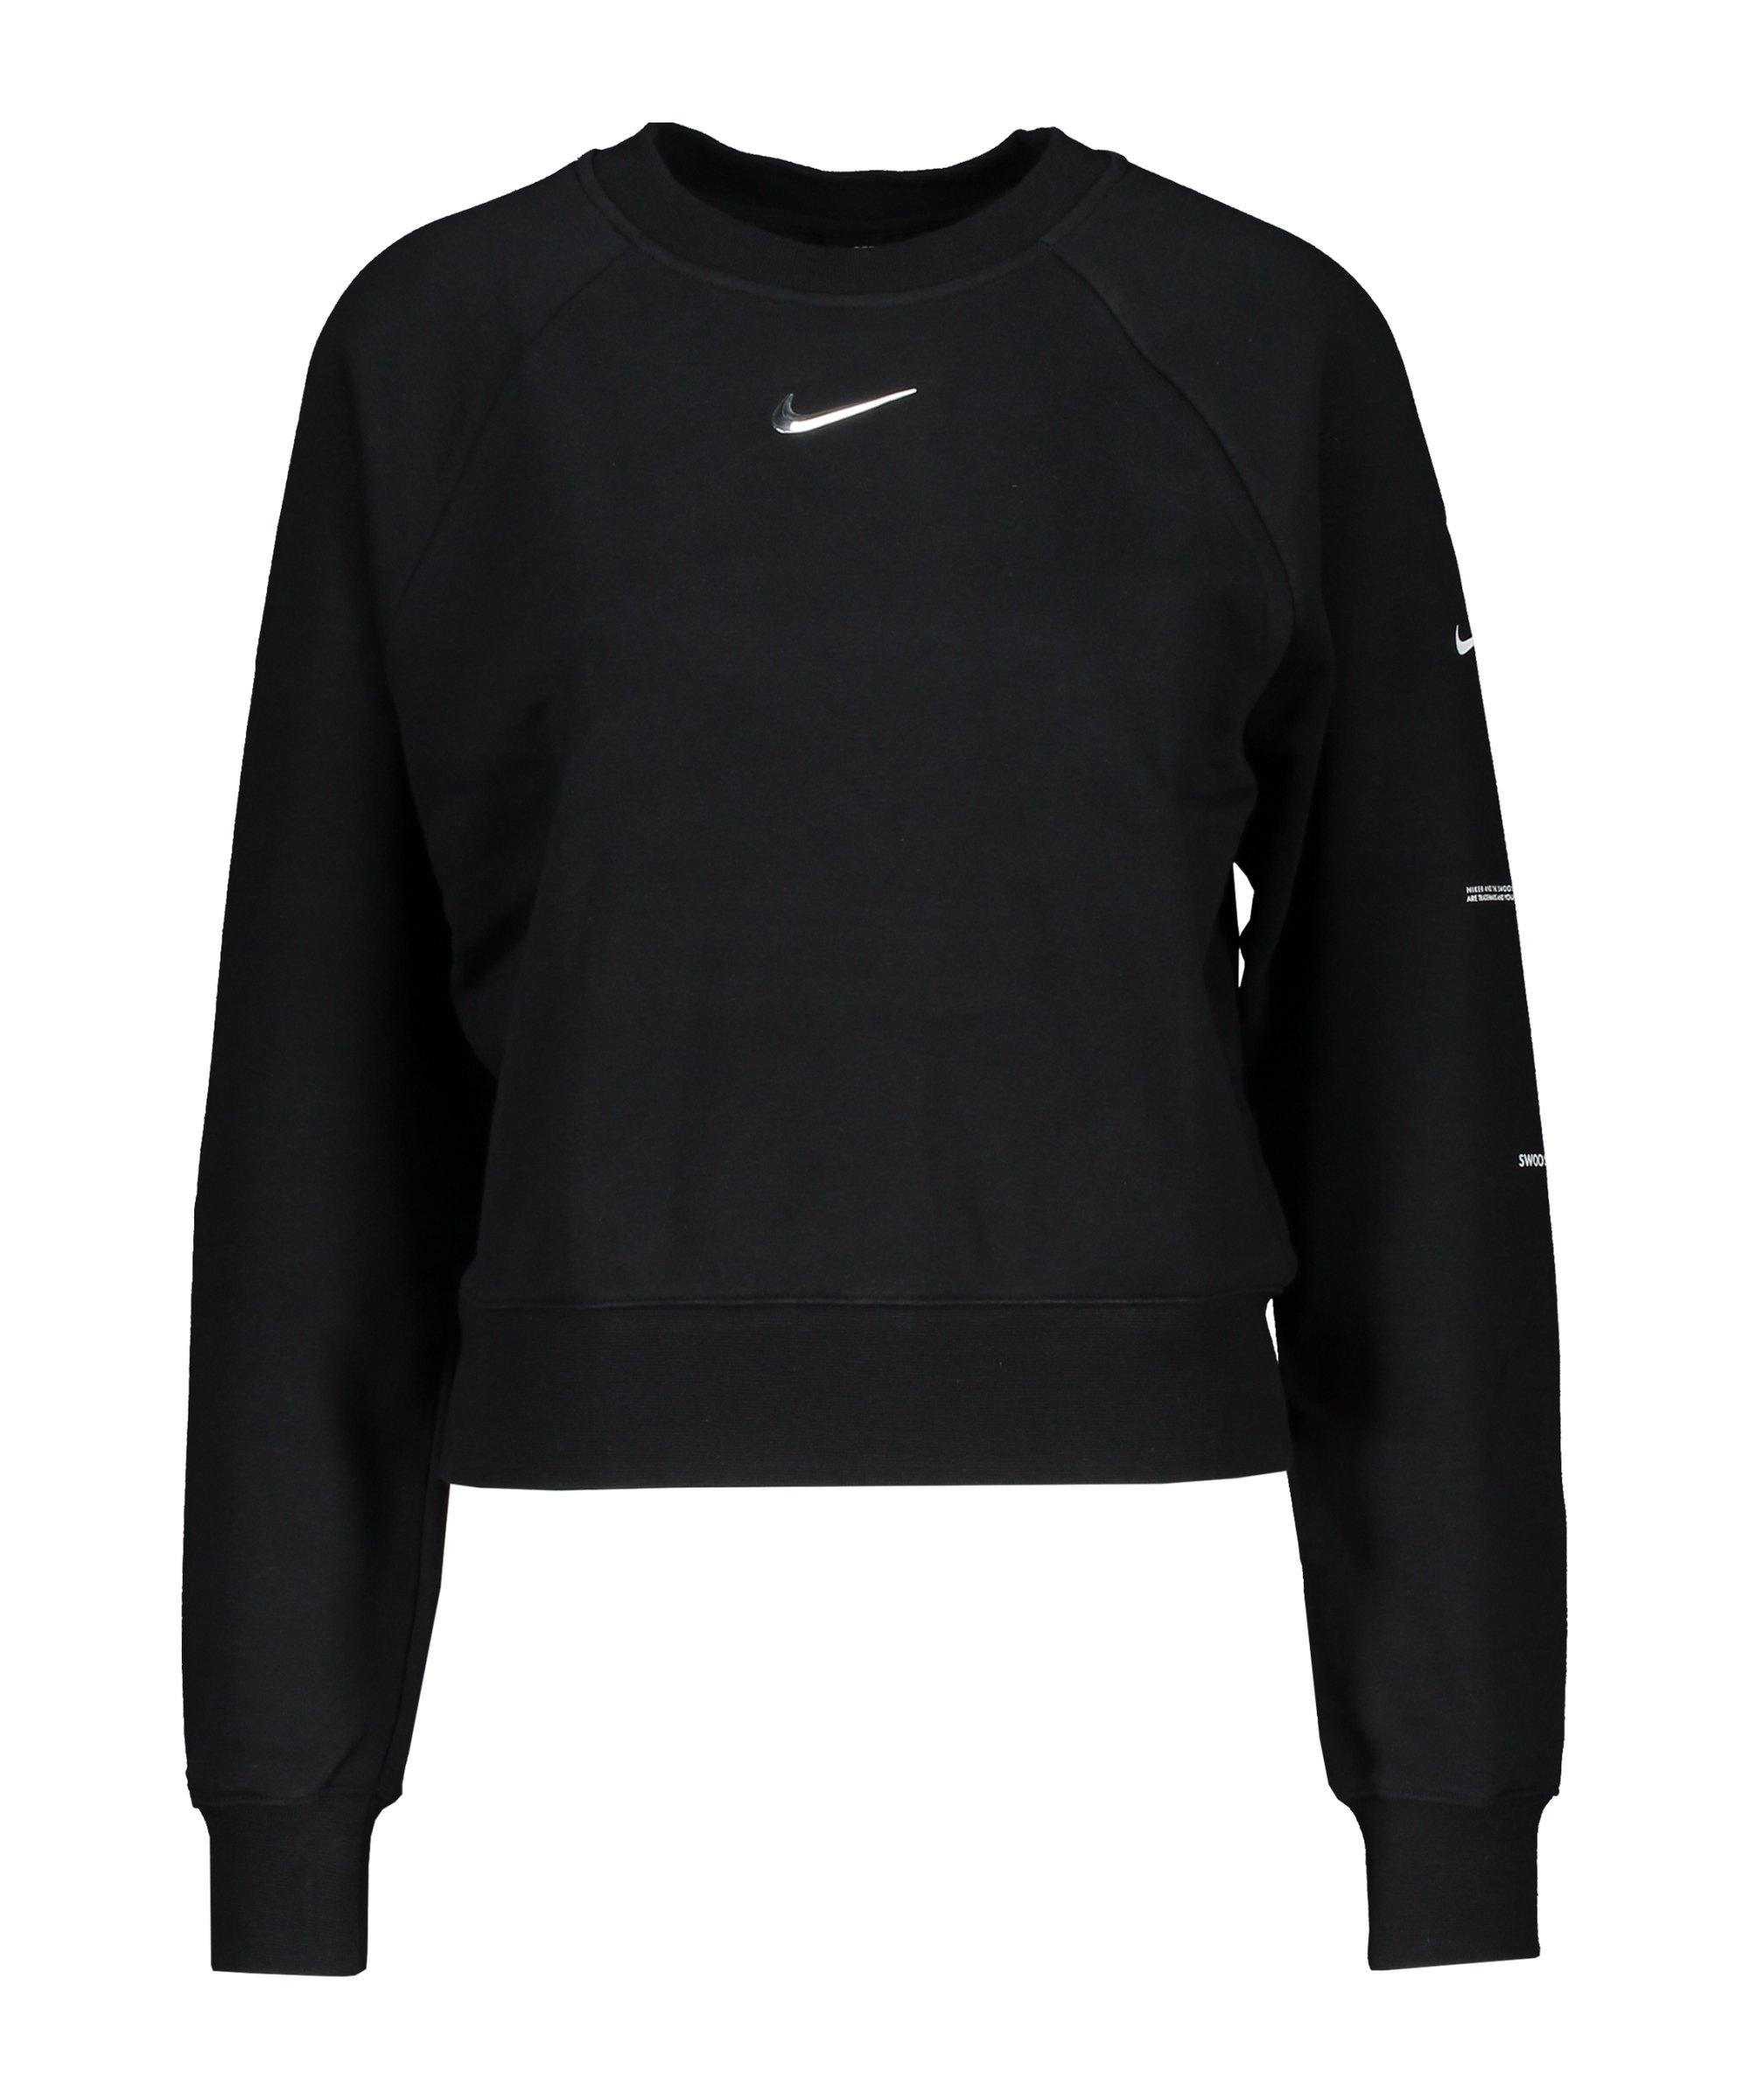 Nike Swoosh Crew Sweatshirt Damen Schwarz F010 - schwarz